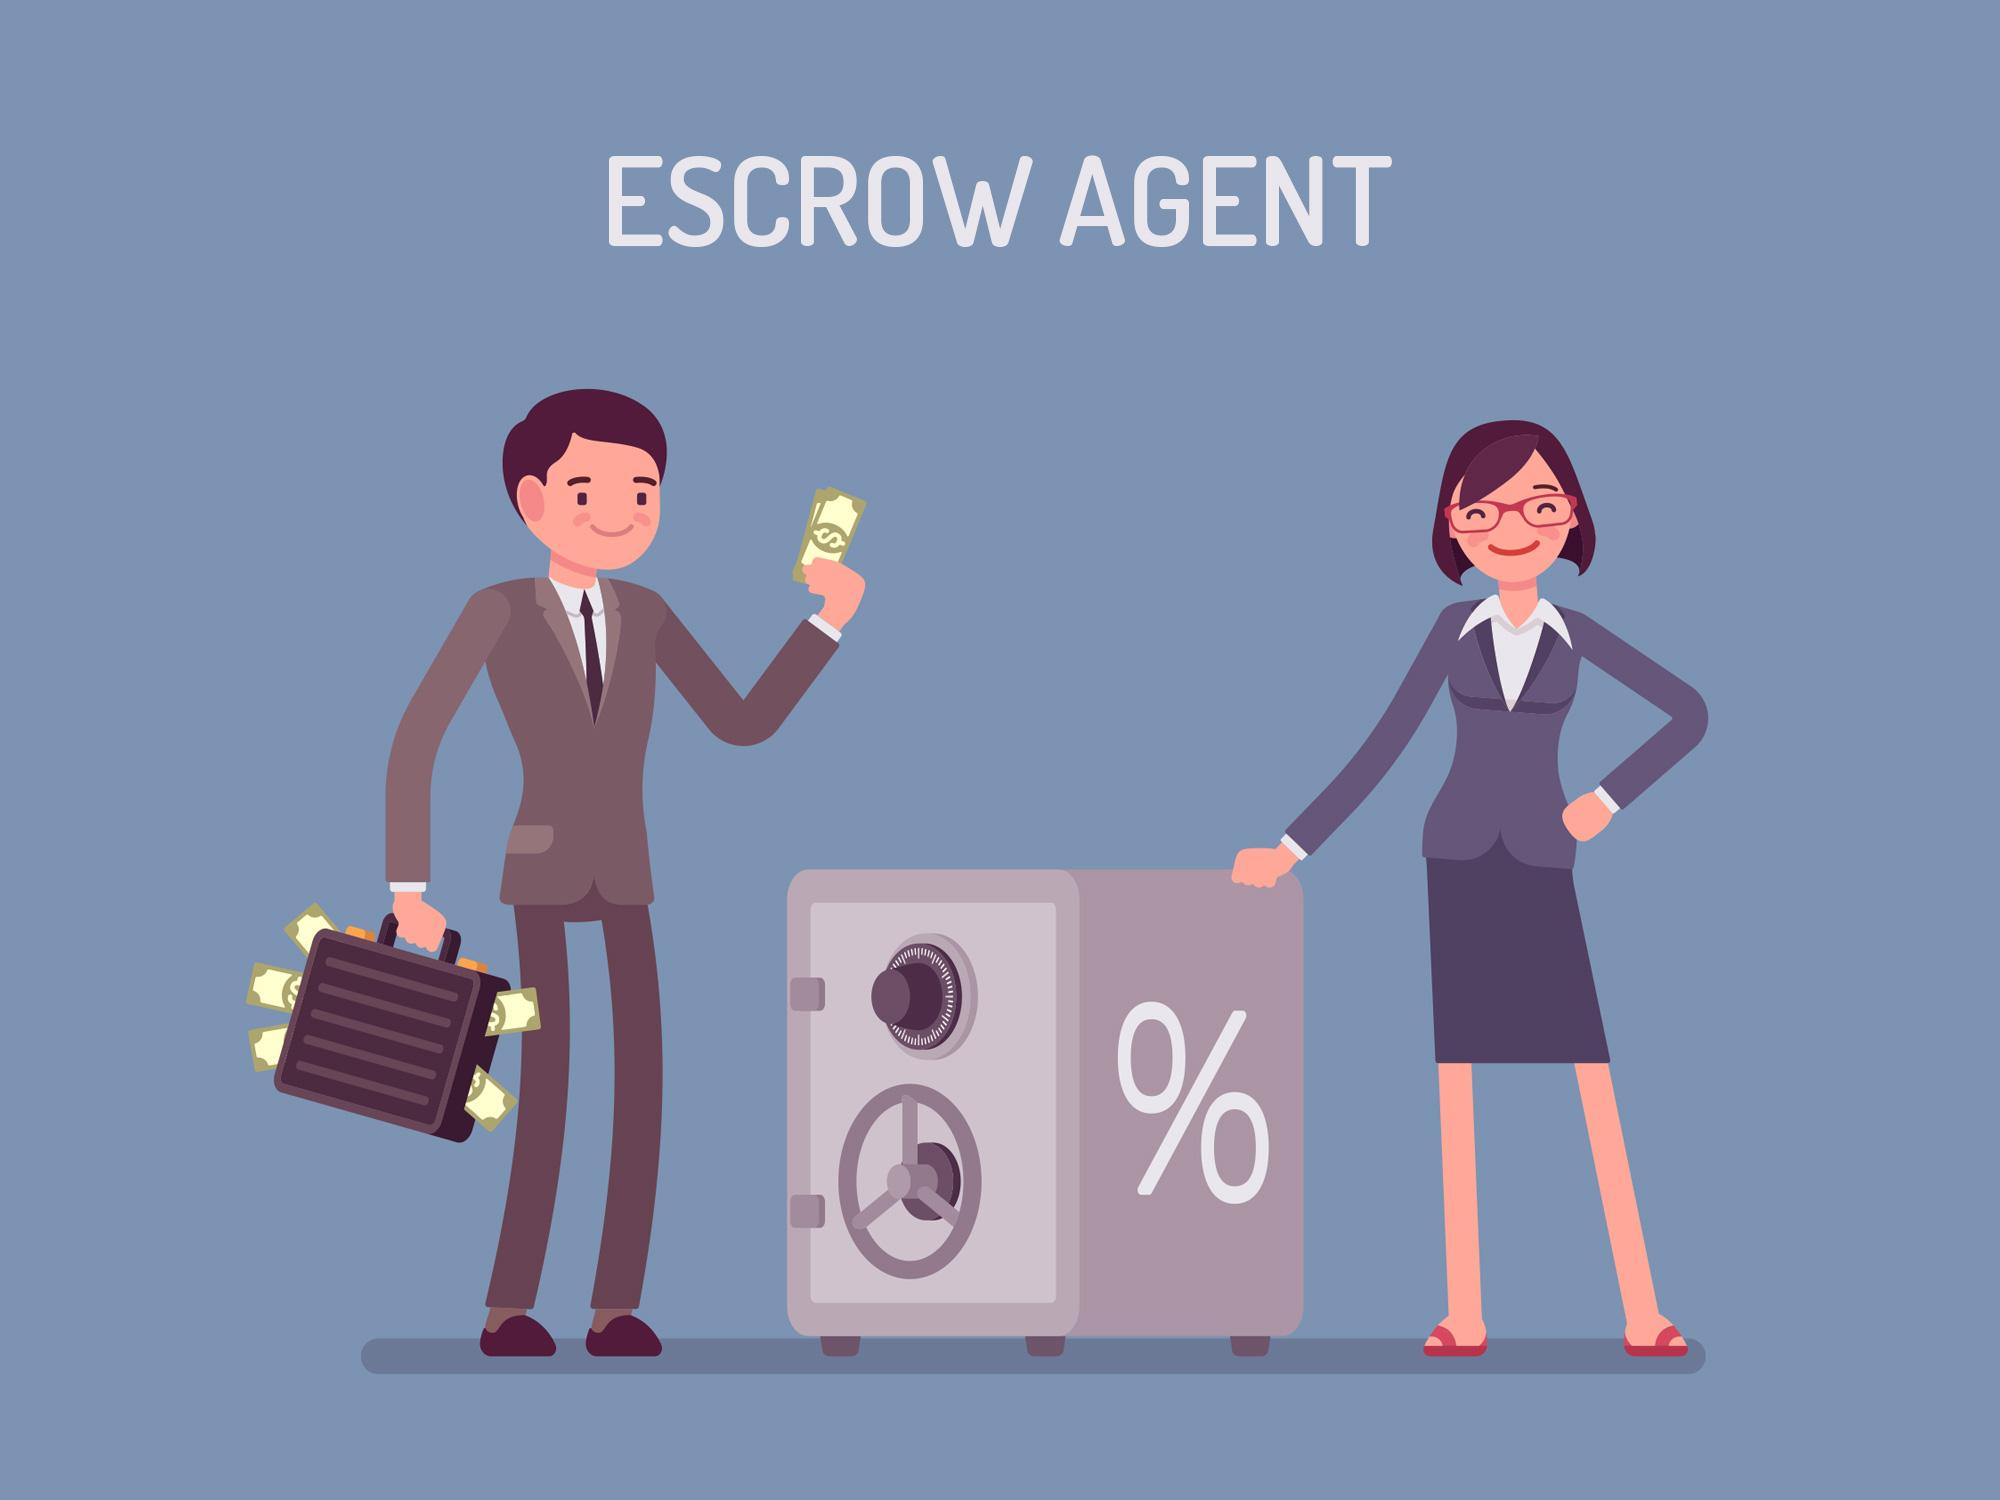 Escrow Agent, Jean-Pierre Farhat, Paolo Divizia, Farhat & Divizia Notai Associati, Notai in Bergamo con uffici a Milano